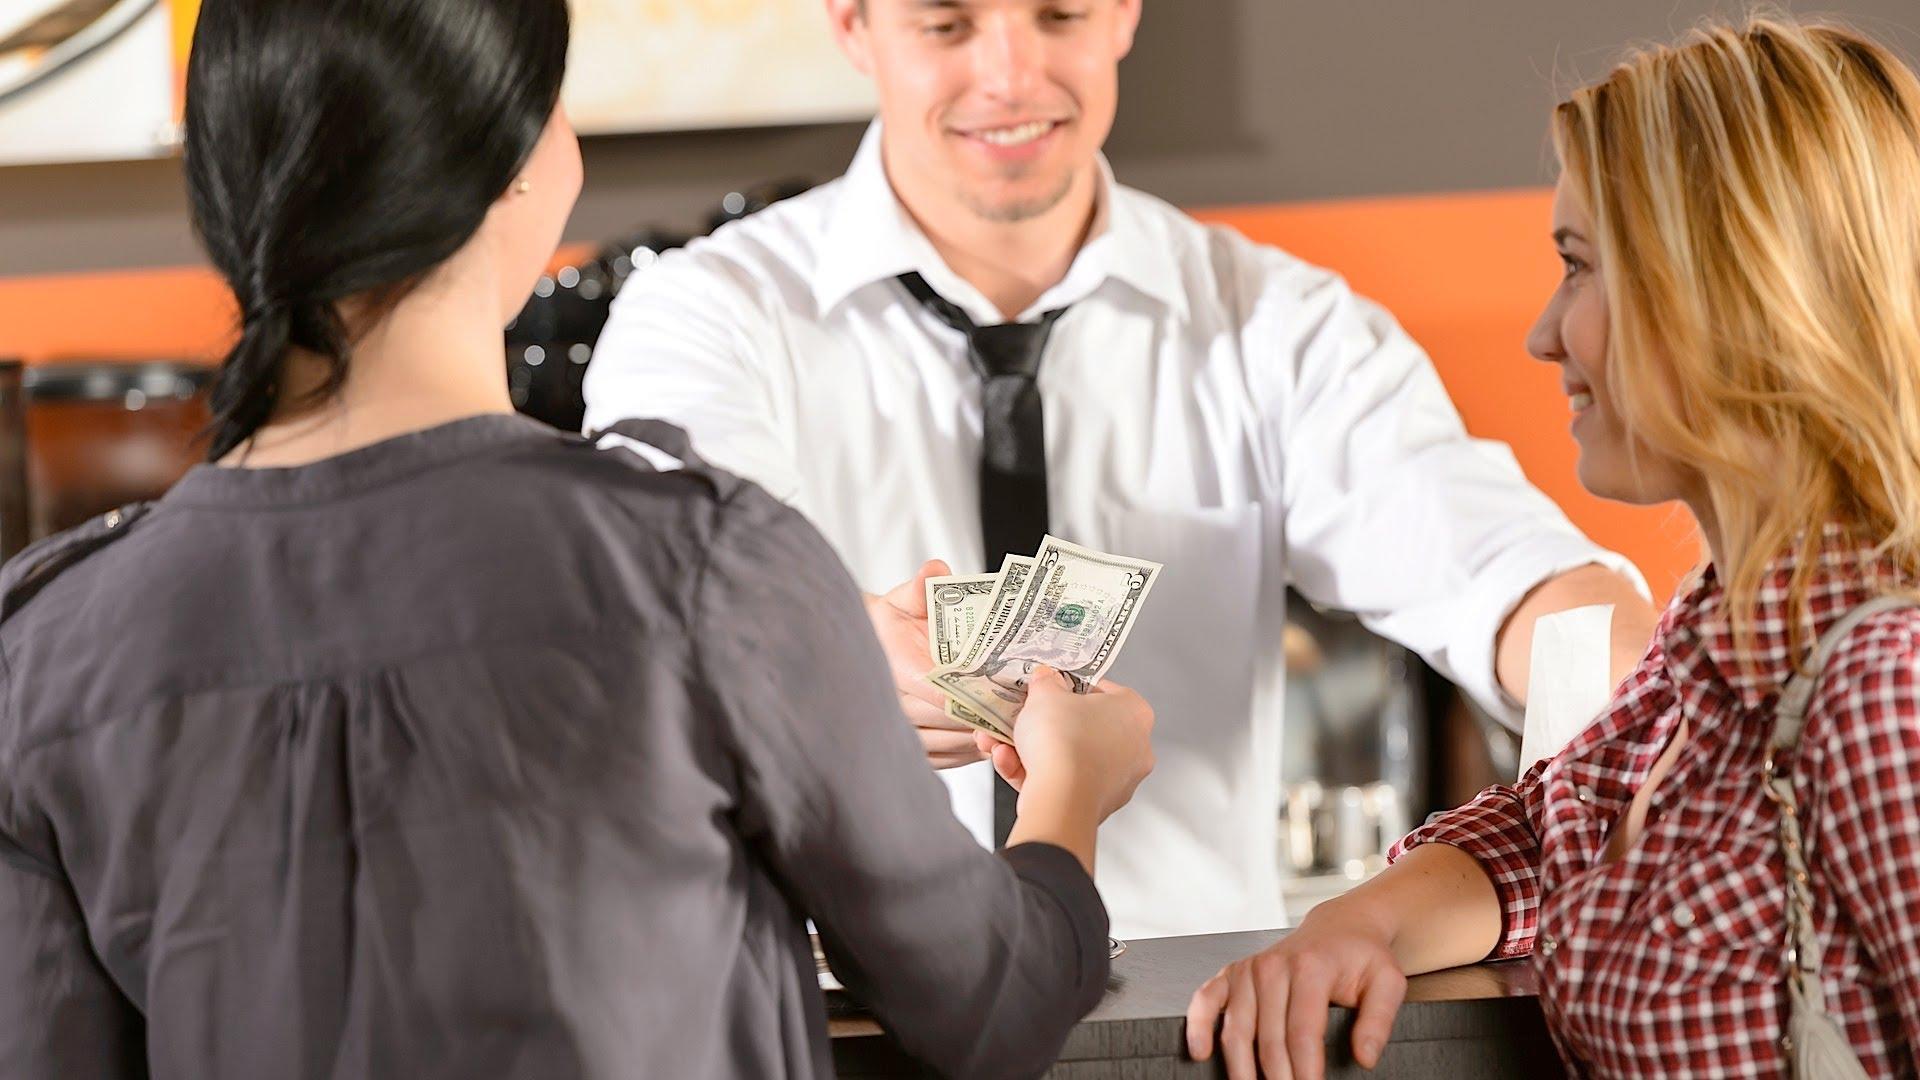 「不知道小費該給多少嗎?一個簡單原則讓你不再霧煞煞」- How to Tip